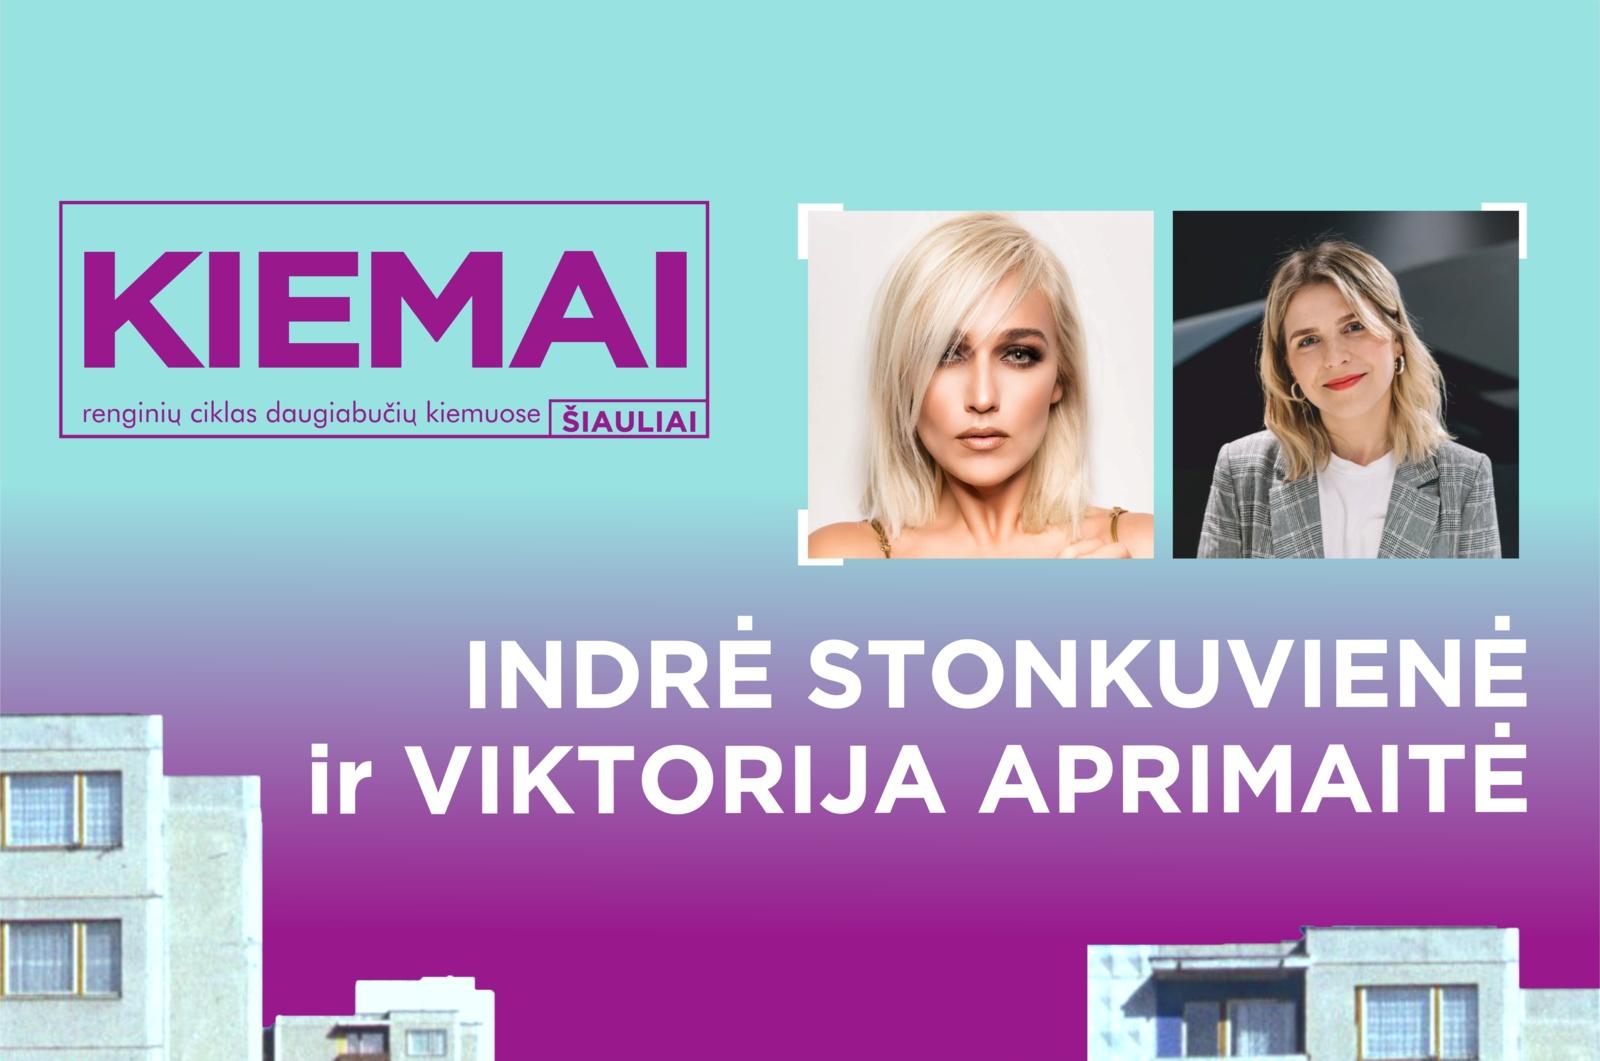 """Indrė Stonkuvienė ir Viktorija Aprimaitė trečiajame """"Kiemų"""" renginyje Šiauliuose!"""